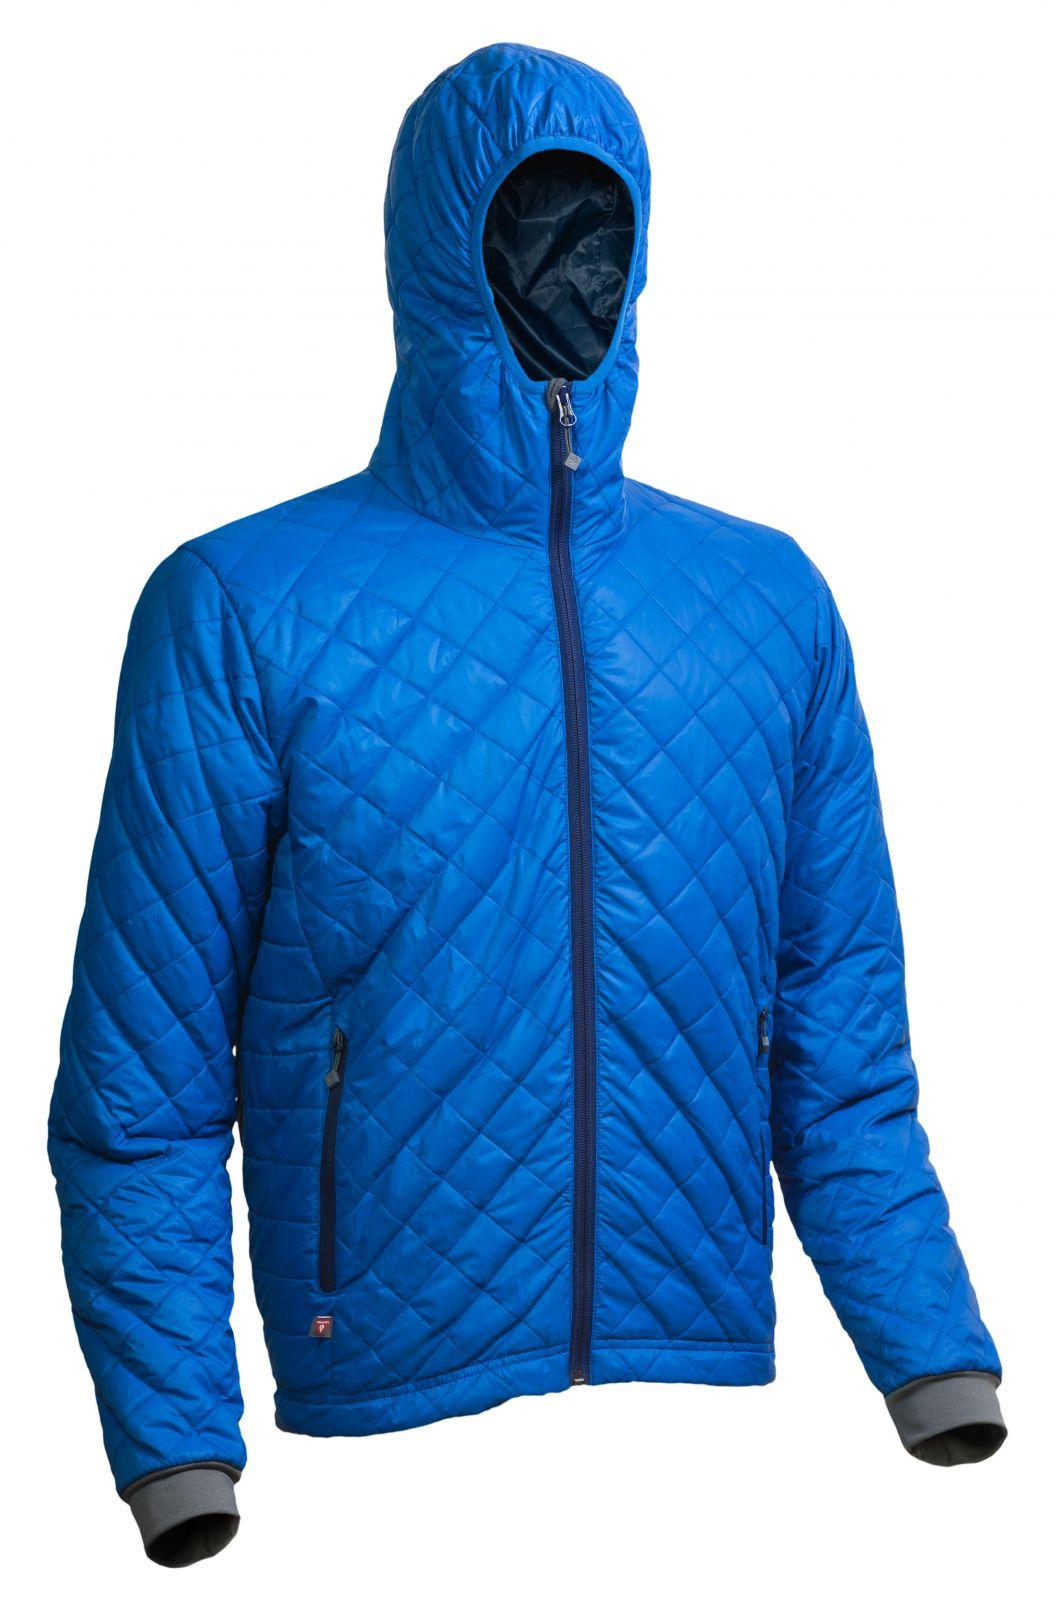 Tazz-Sport - Warmpeace Spirit royal blue / navy pánská bunda zateplená PrimaLoftem